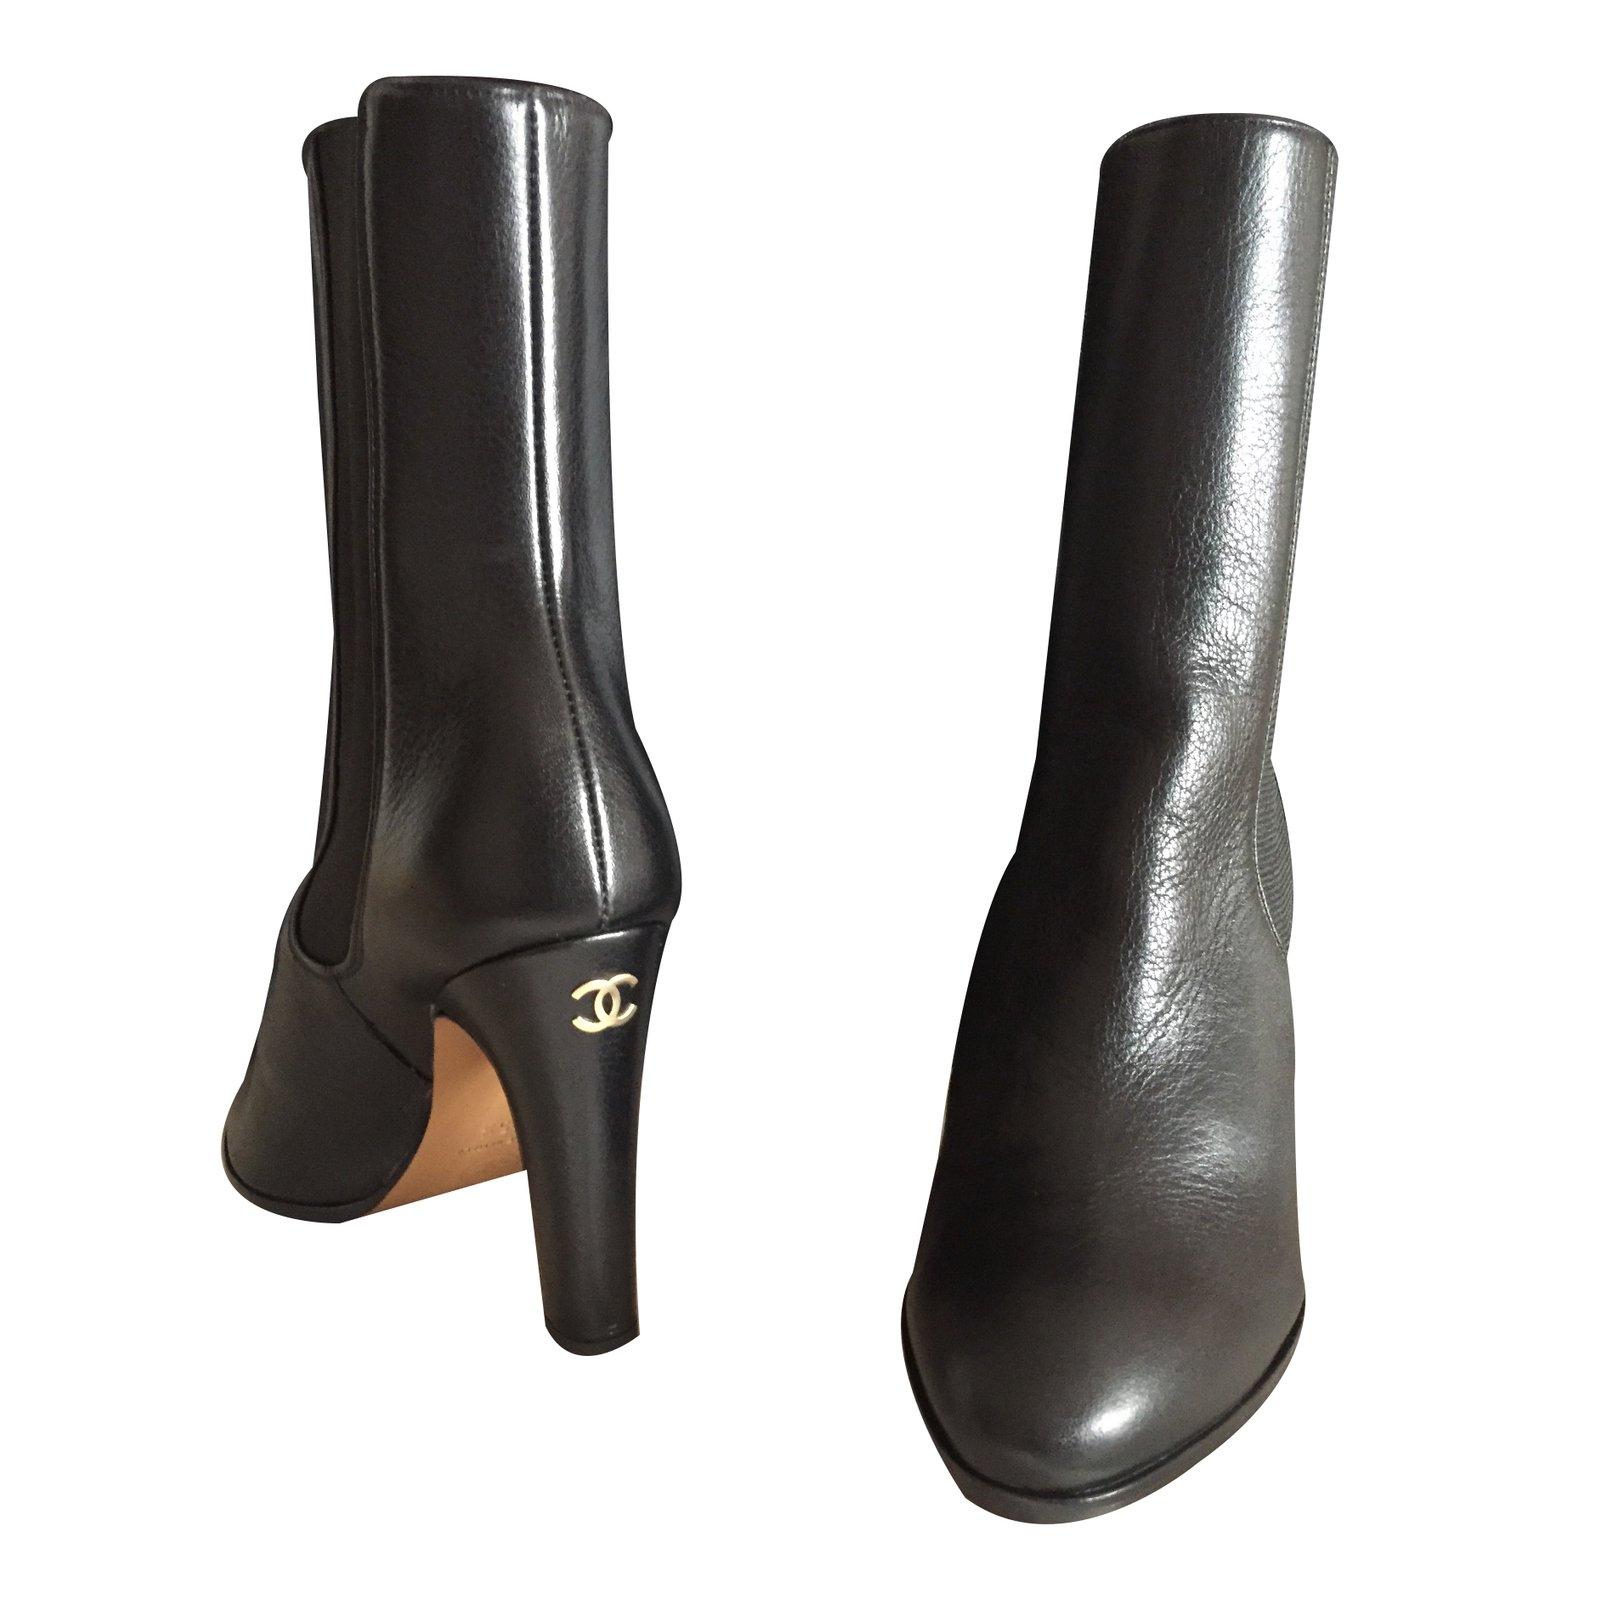 Bottes Chanel Bottes Cuir Noir ref.26754 - Joli Closet 80a7f029d20